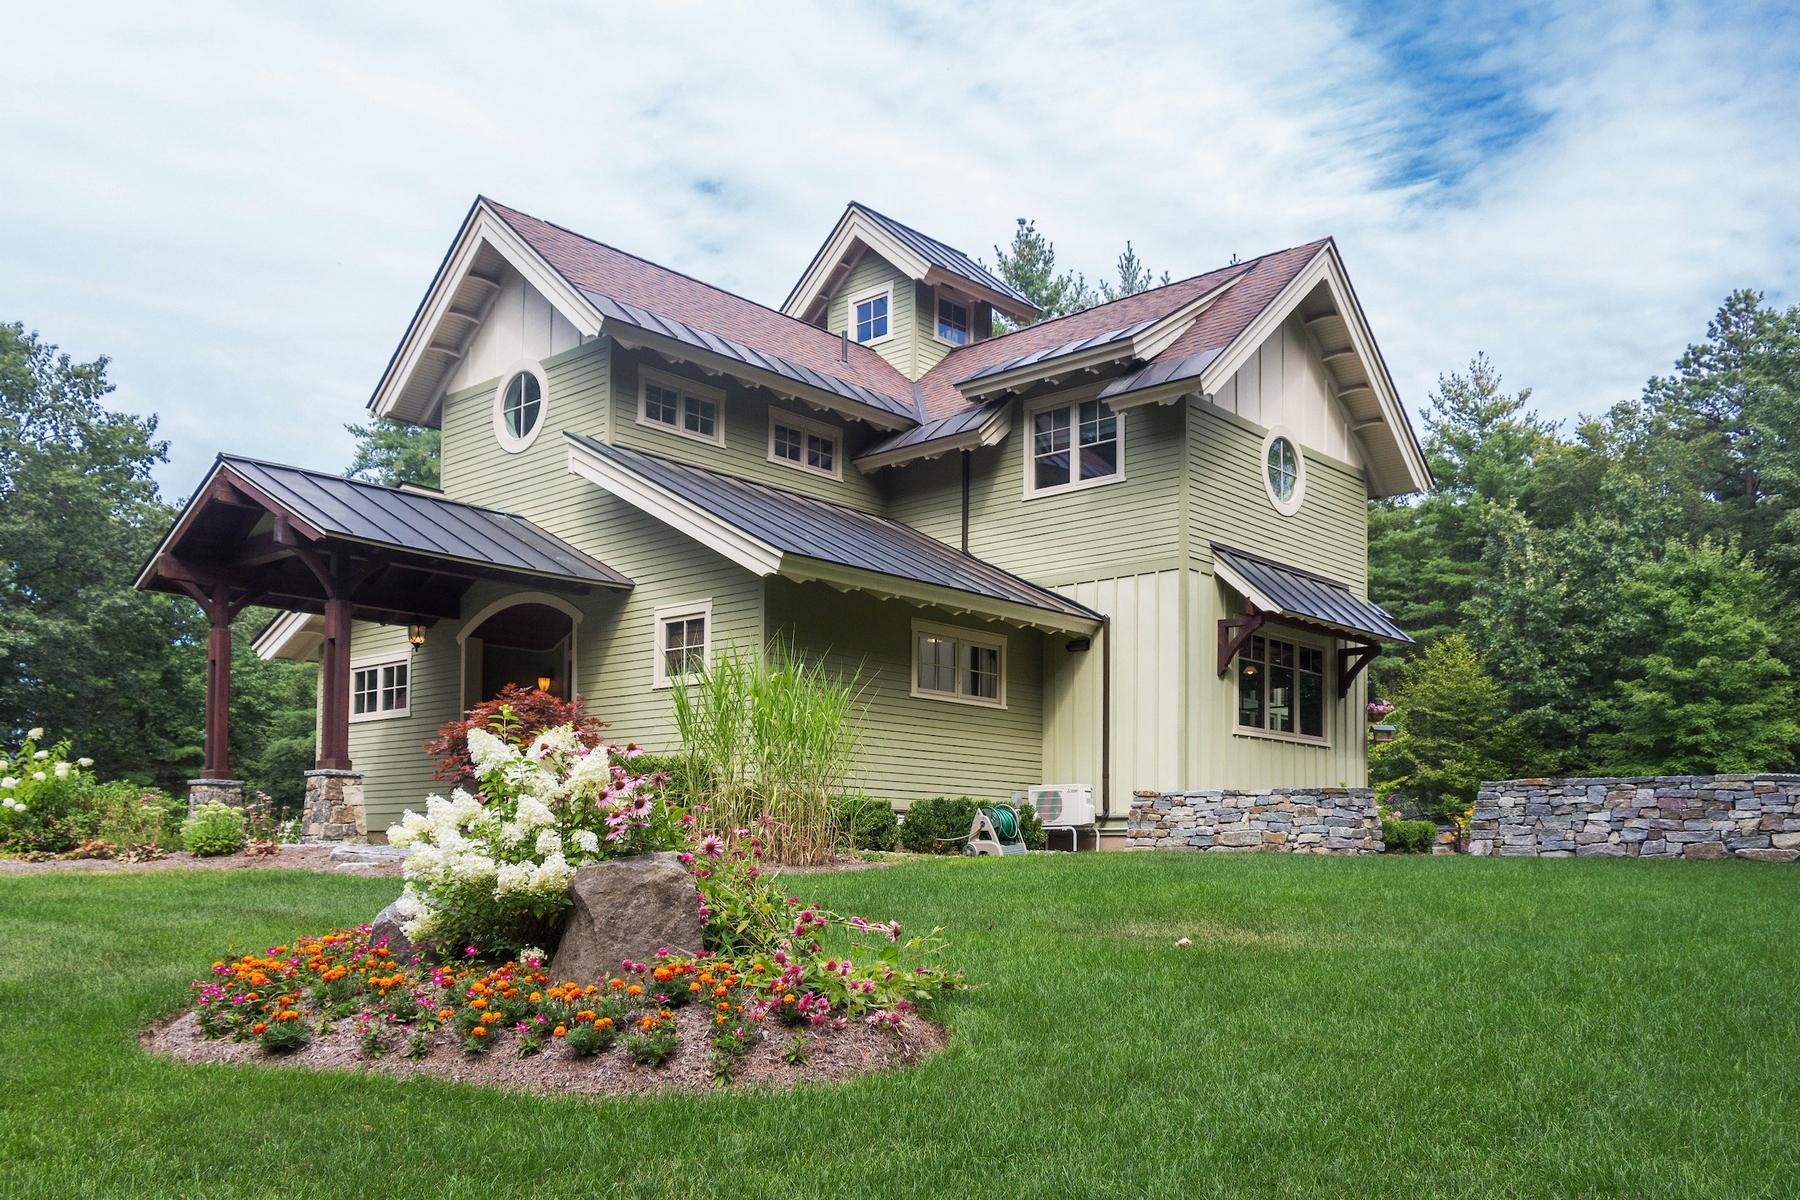 Casa Unifamiliar por un Venta en Custom Built Home in Saratoga Springs 149 Louden Rd Saratoga Springs, Nueva York, 12866 Estados Unidos